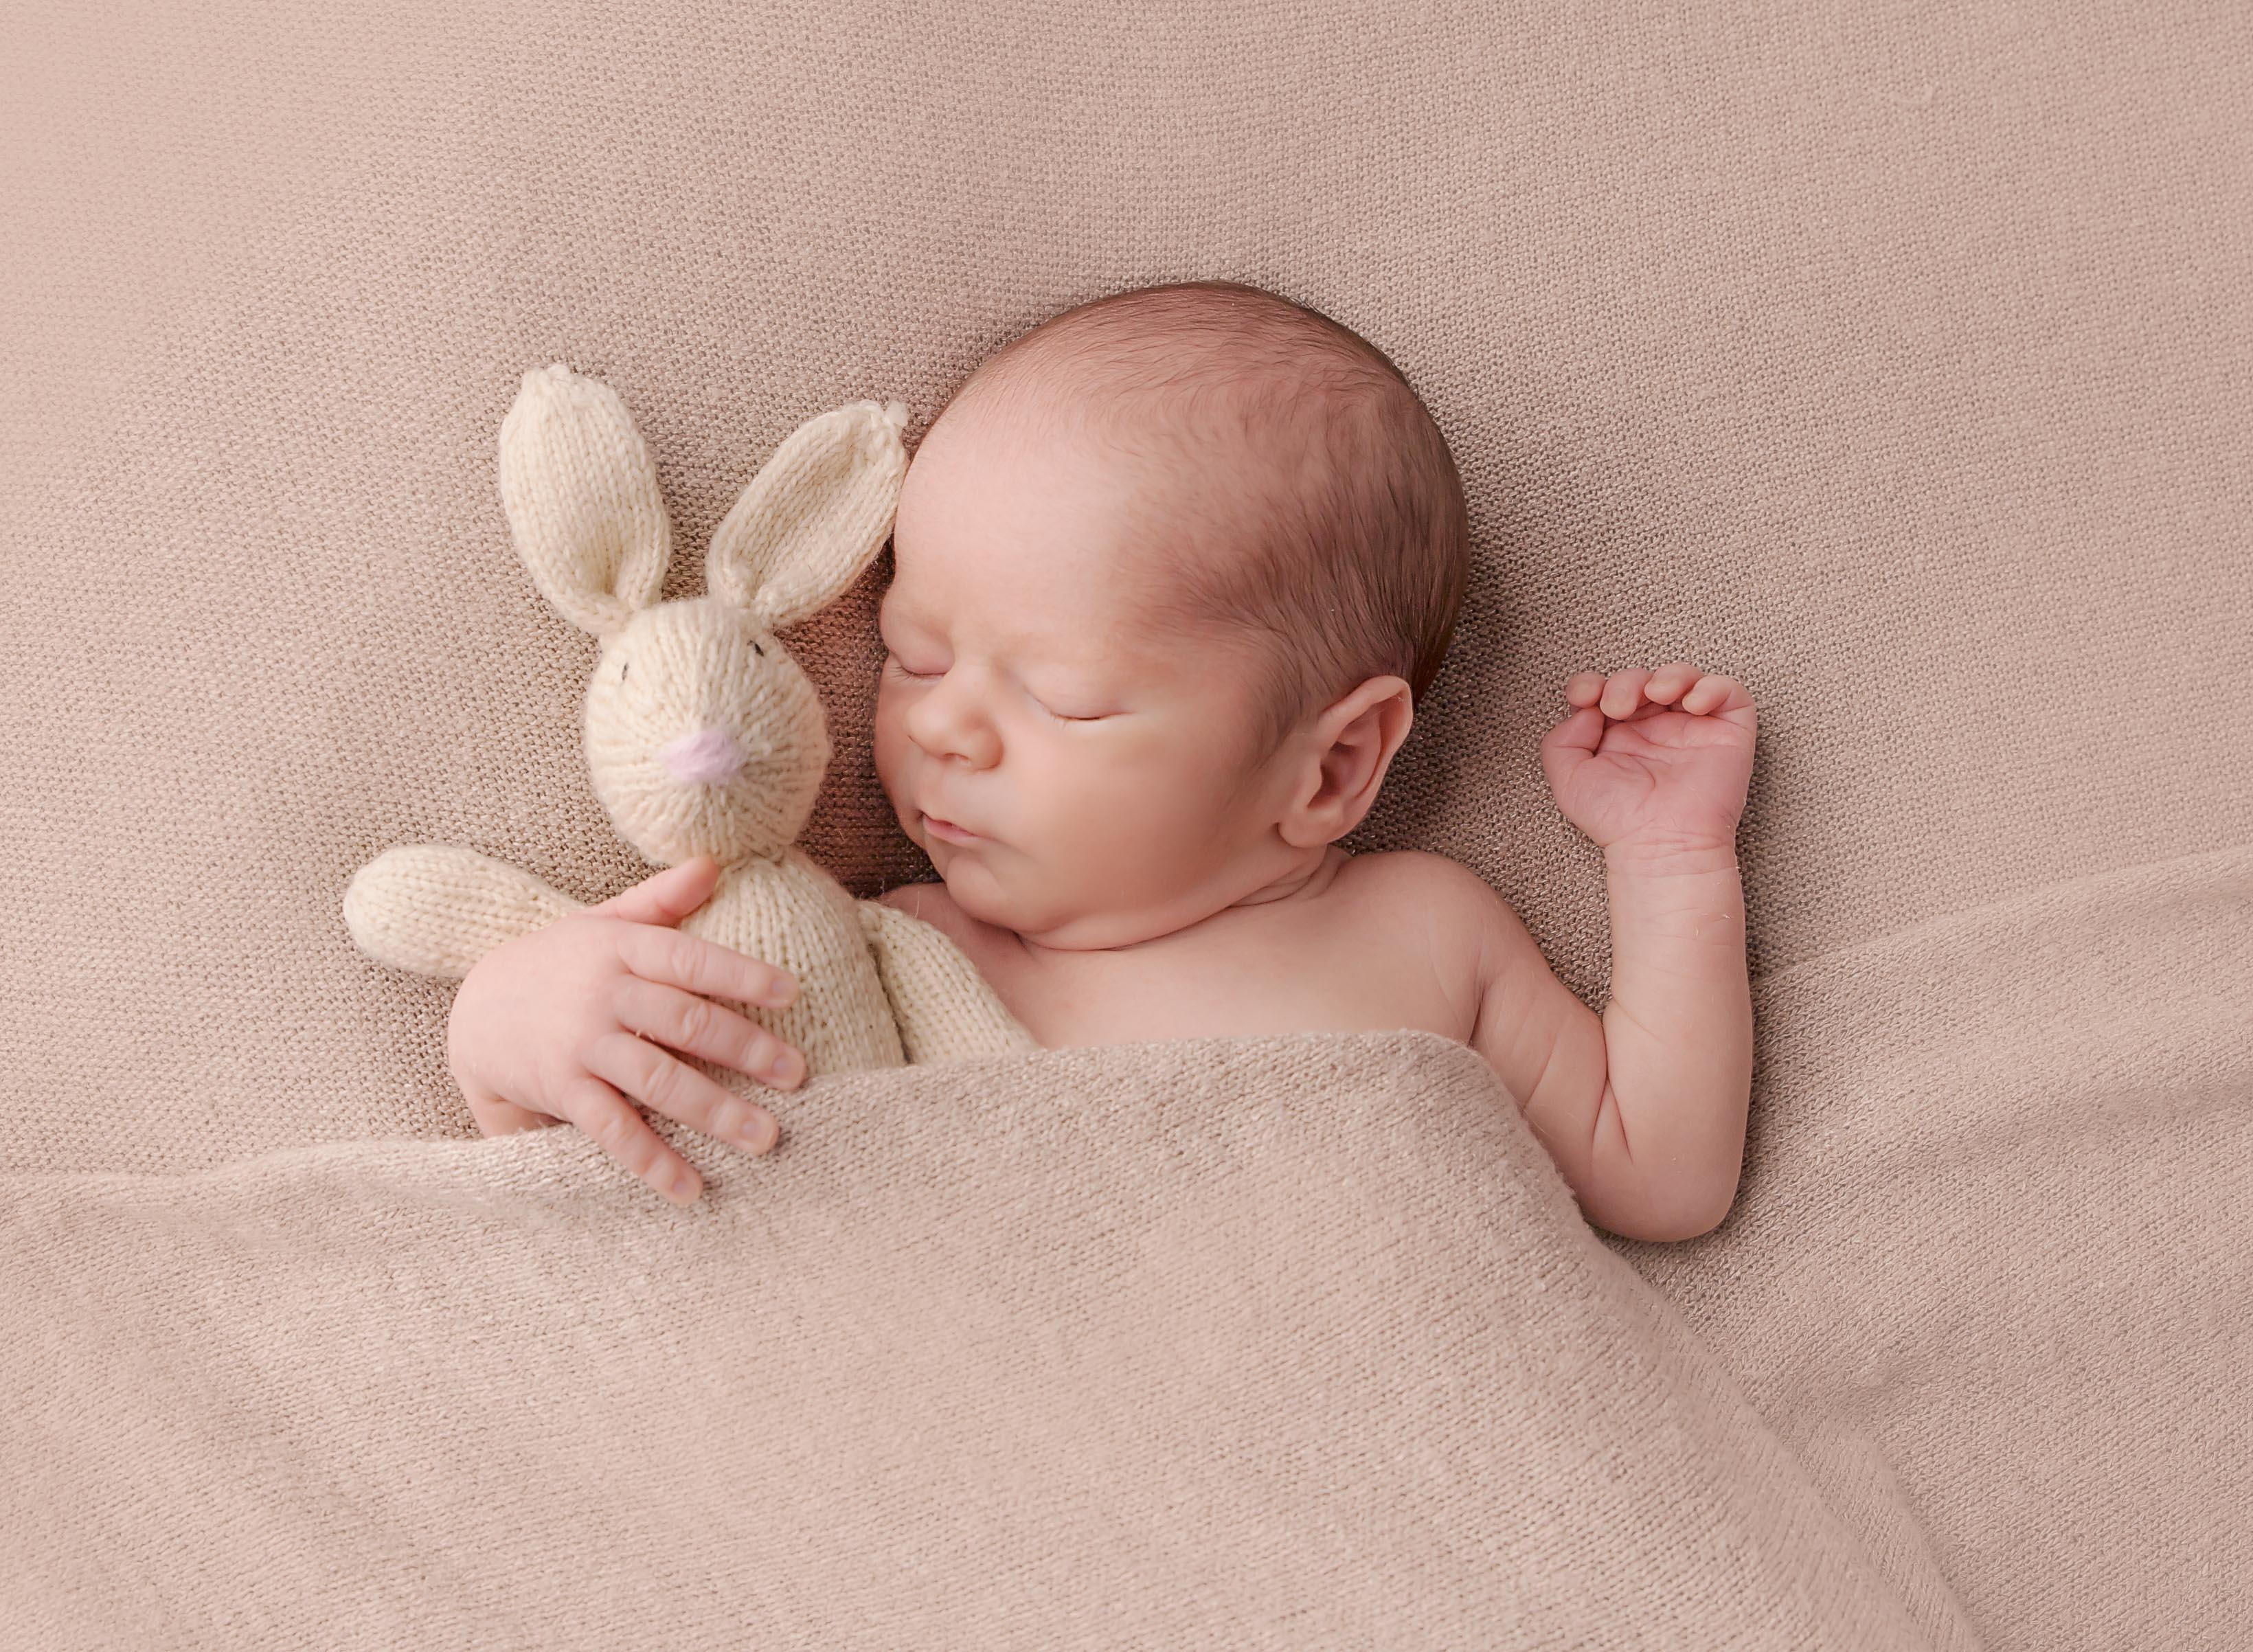 newborn with stuffie photographer cumberland, B.C